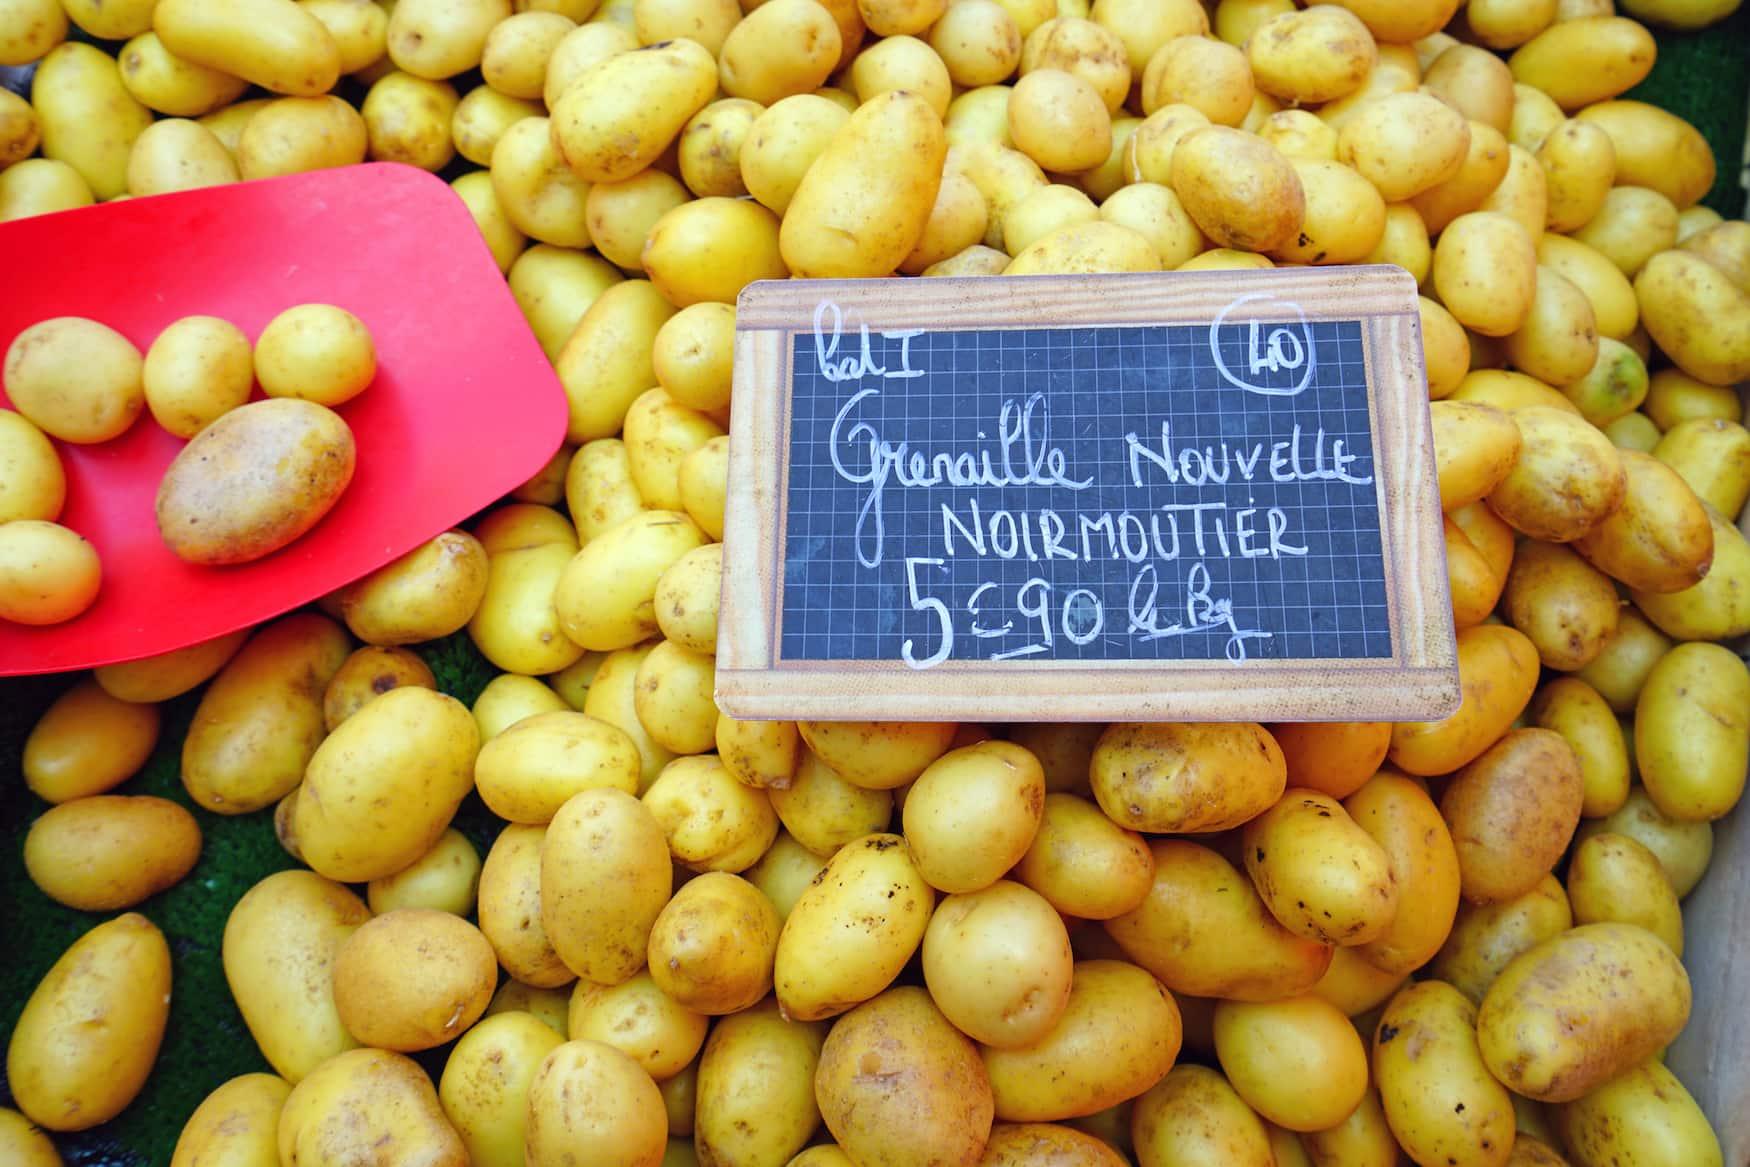 Junge Kartoffeln aus Noirmoutier als Mitbringsel von der Atlantikküste in Frankreich